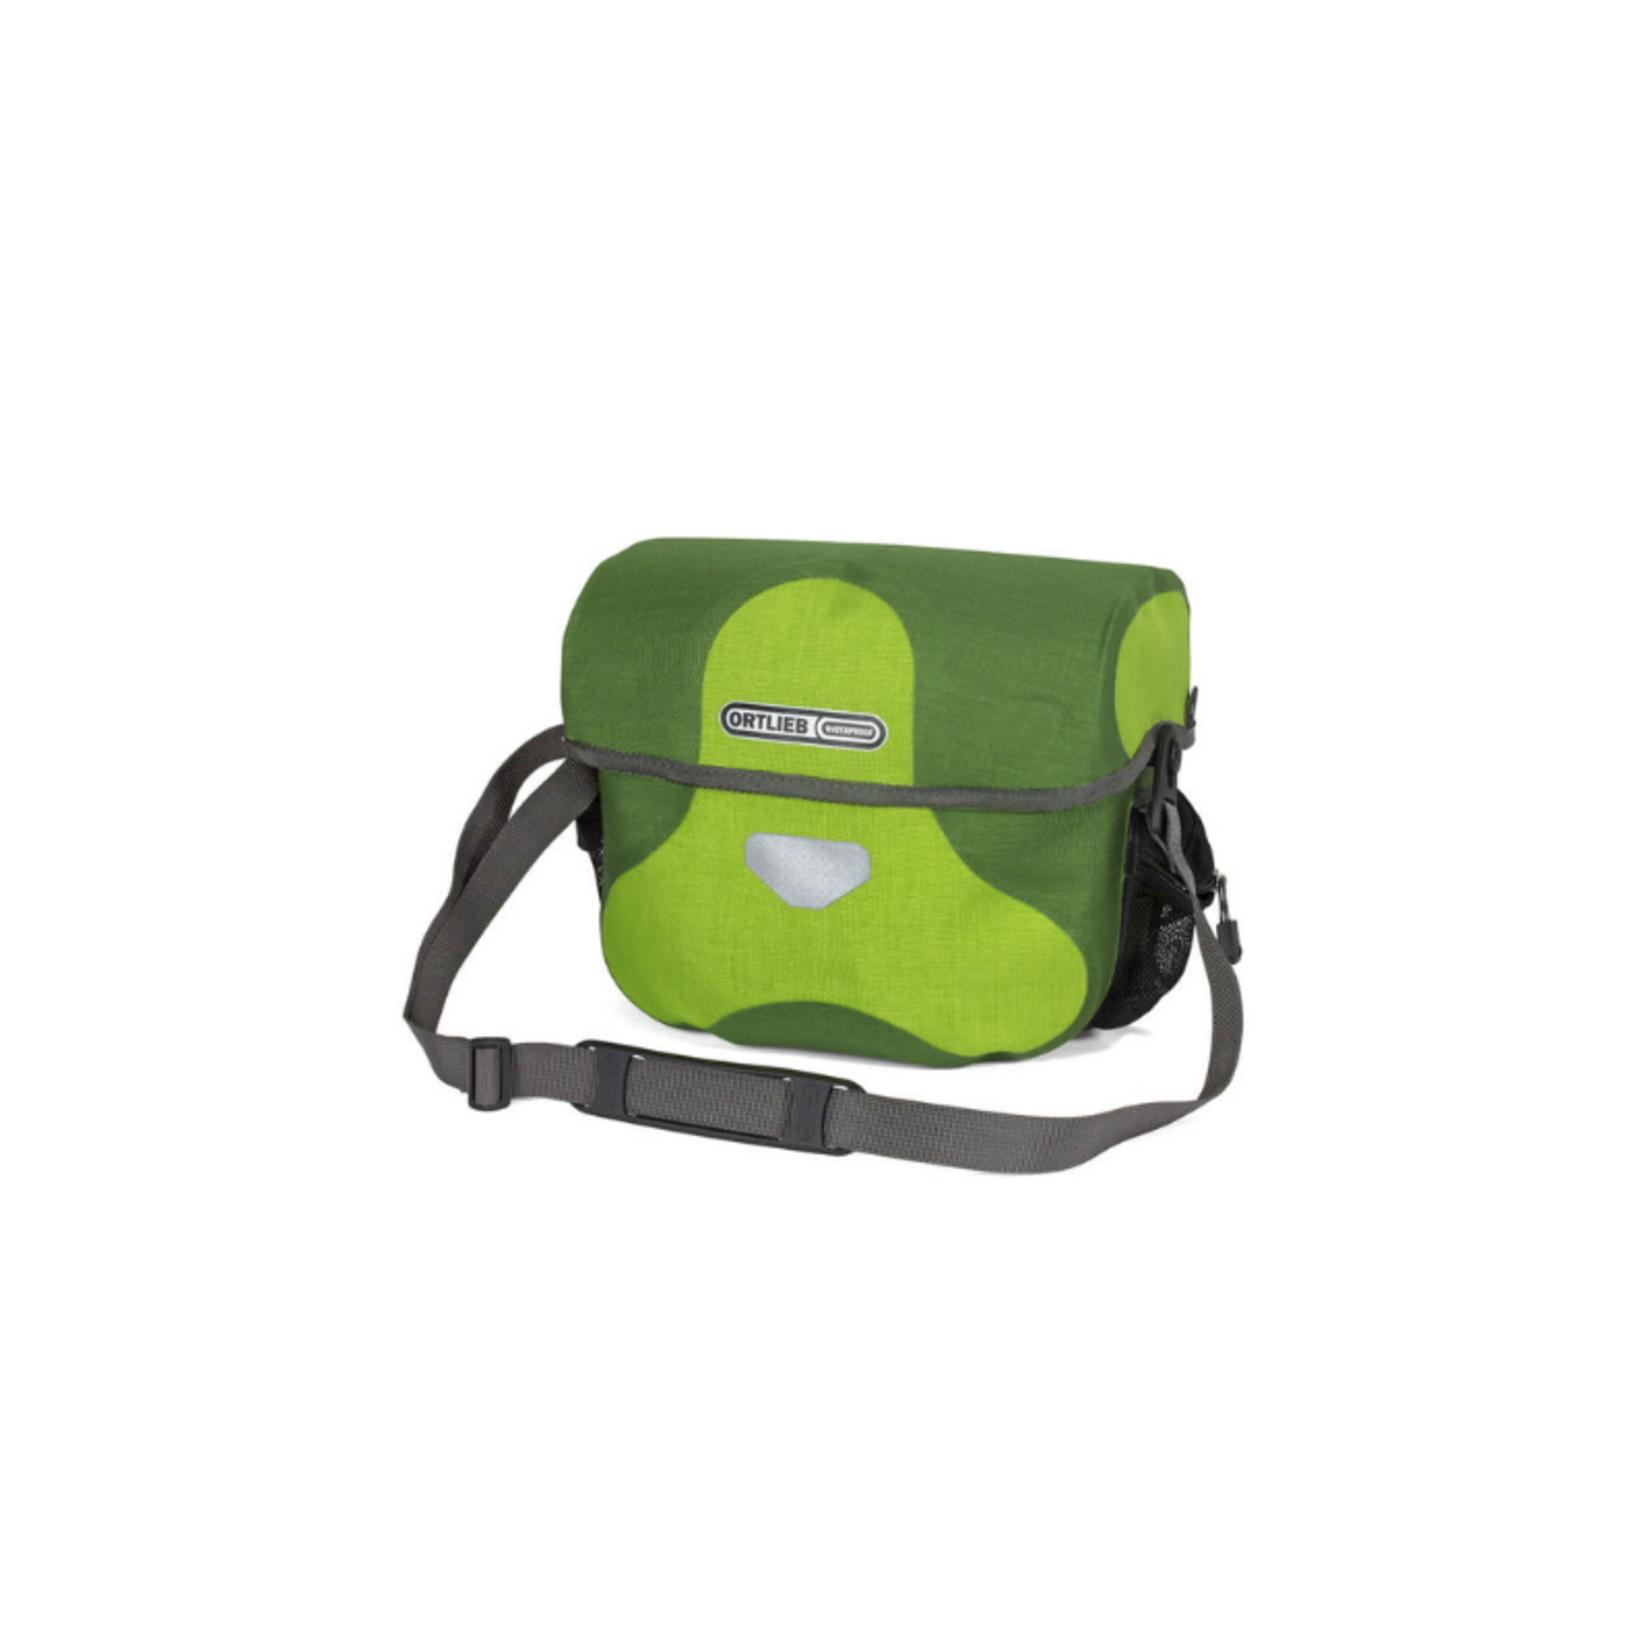 Ortlieb Handlebar Bag Ultimate6 Plus